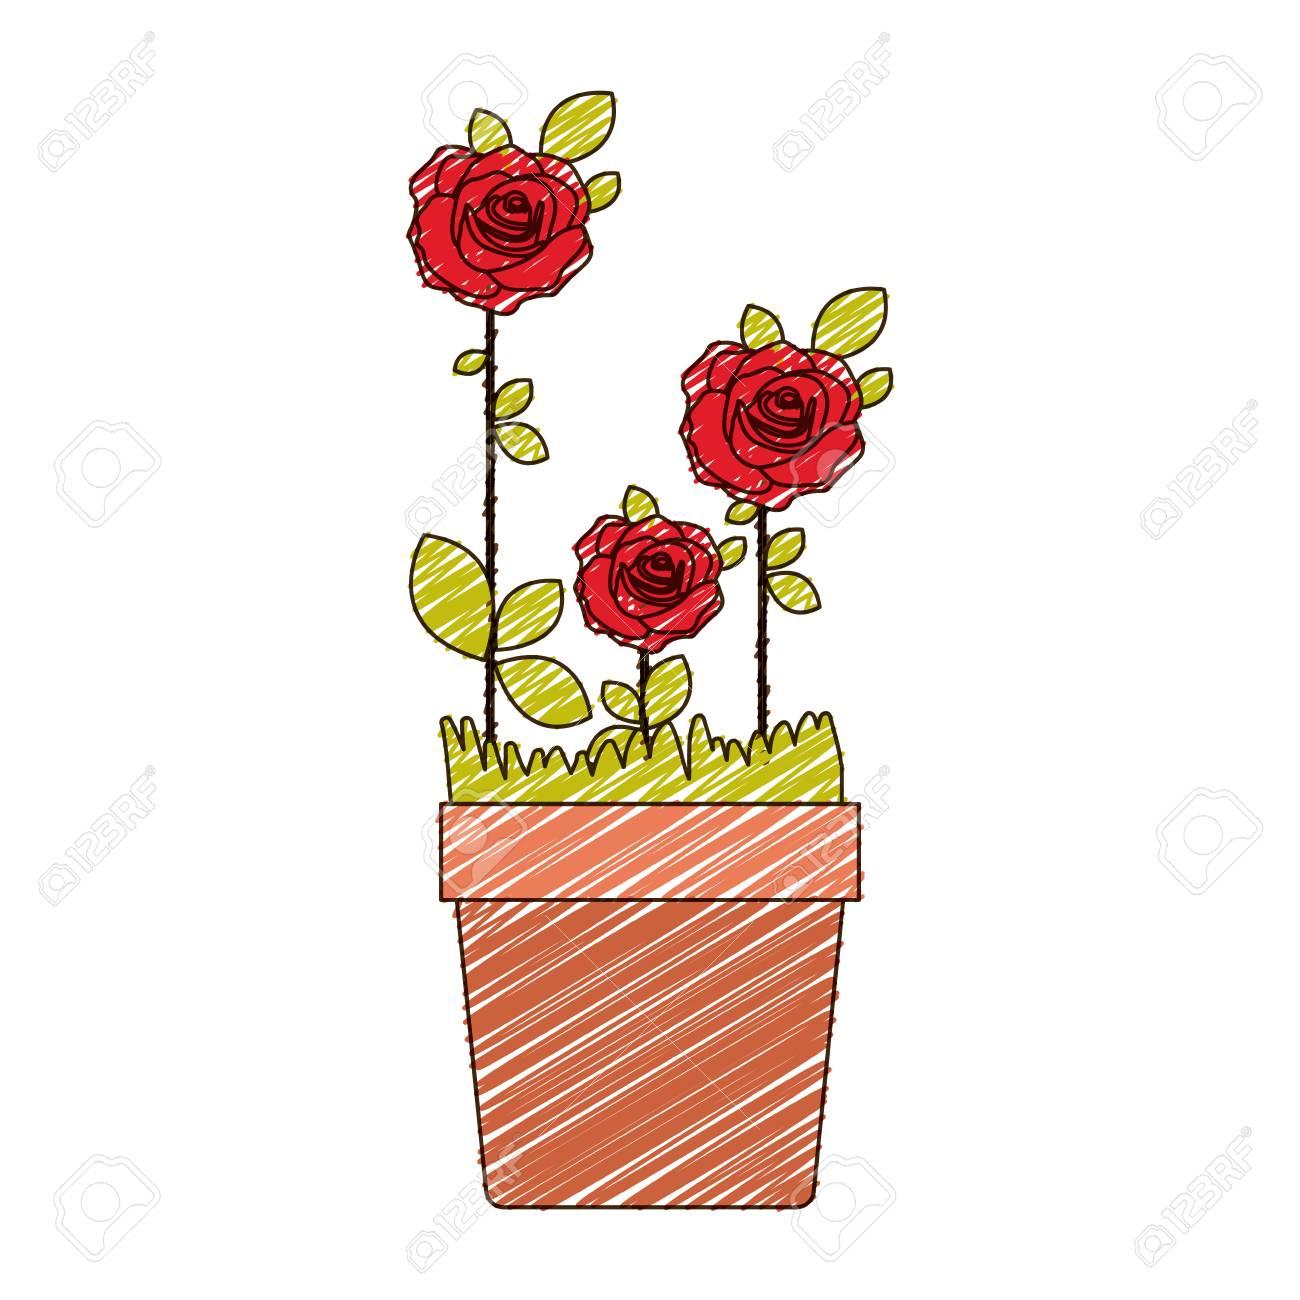 Dibujo A Lápiz De Color De Flores Rosas Rojas Plantadas Con Hojas En